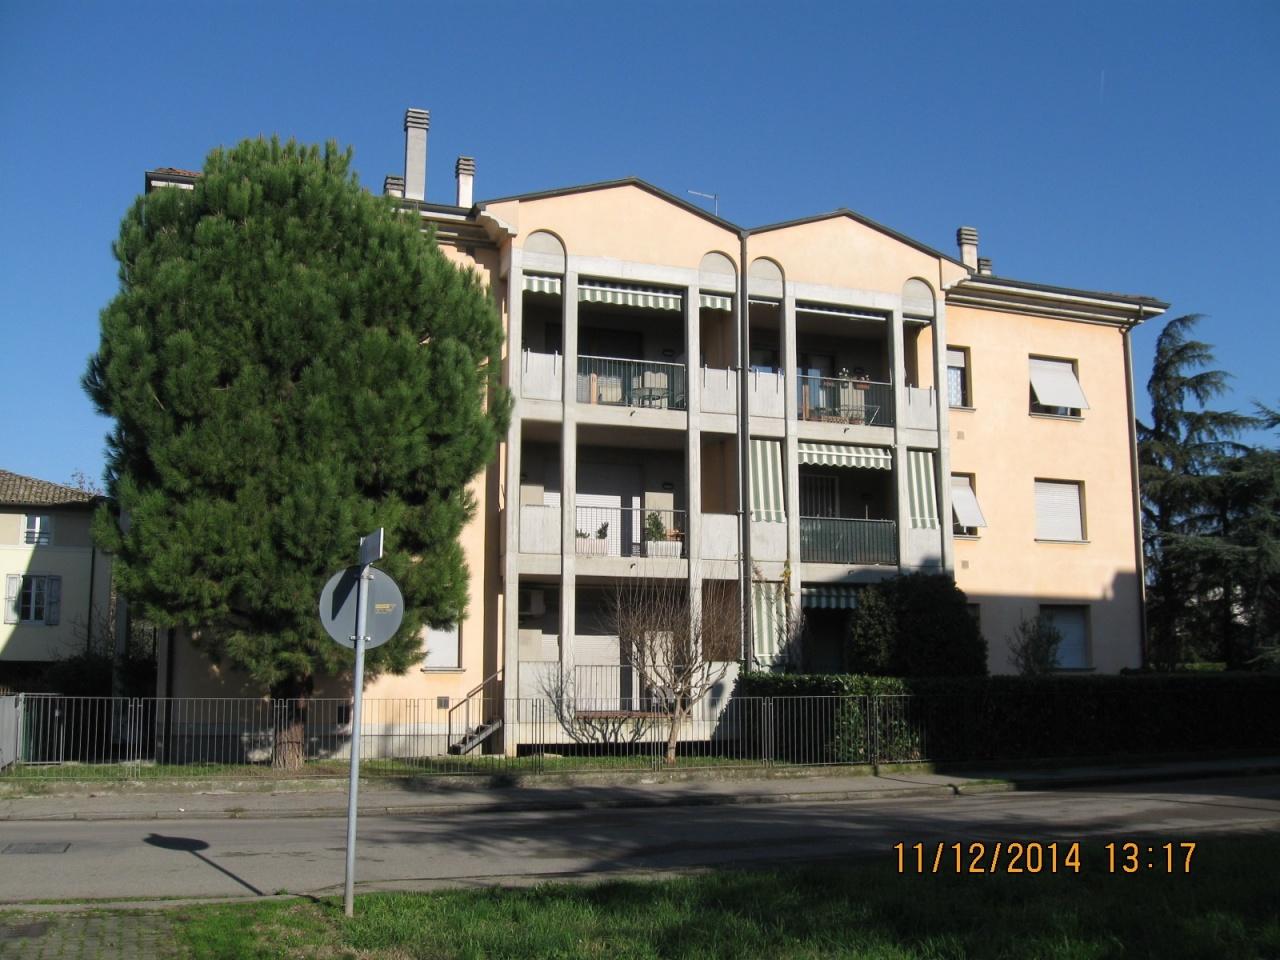 Appartamento in vendita a Parma, 3 locali, prezzo € 150.000 | Cambio Casa.it